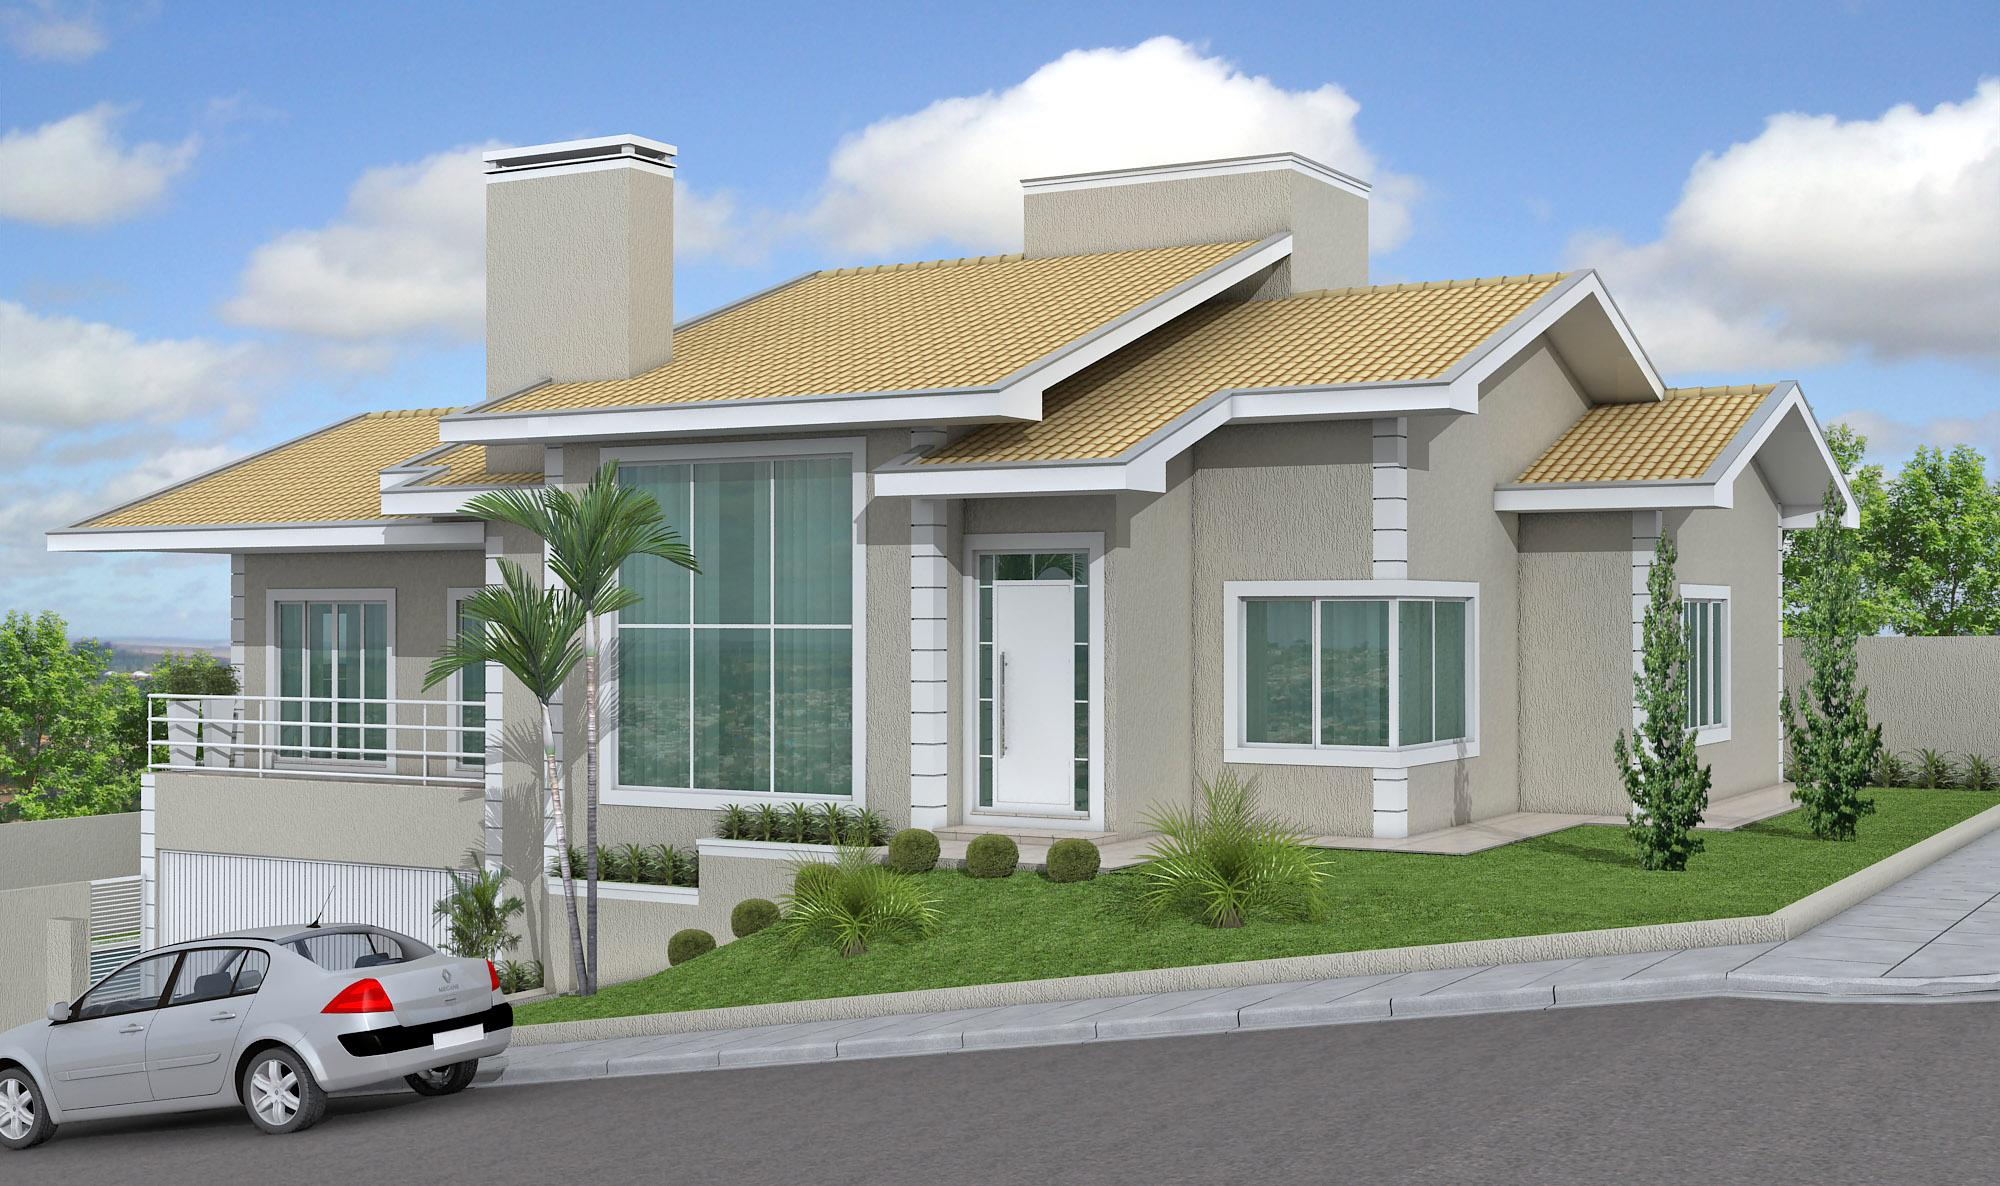 50 fachadas de casas de esquina lindas e inspiradoras for Casa moderna 90m2